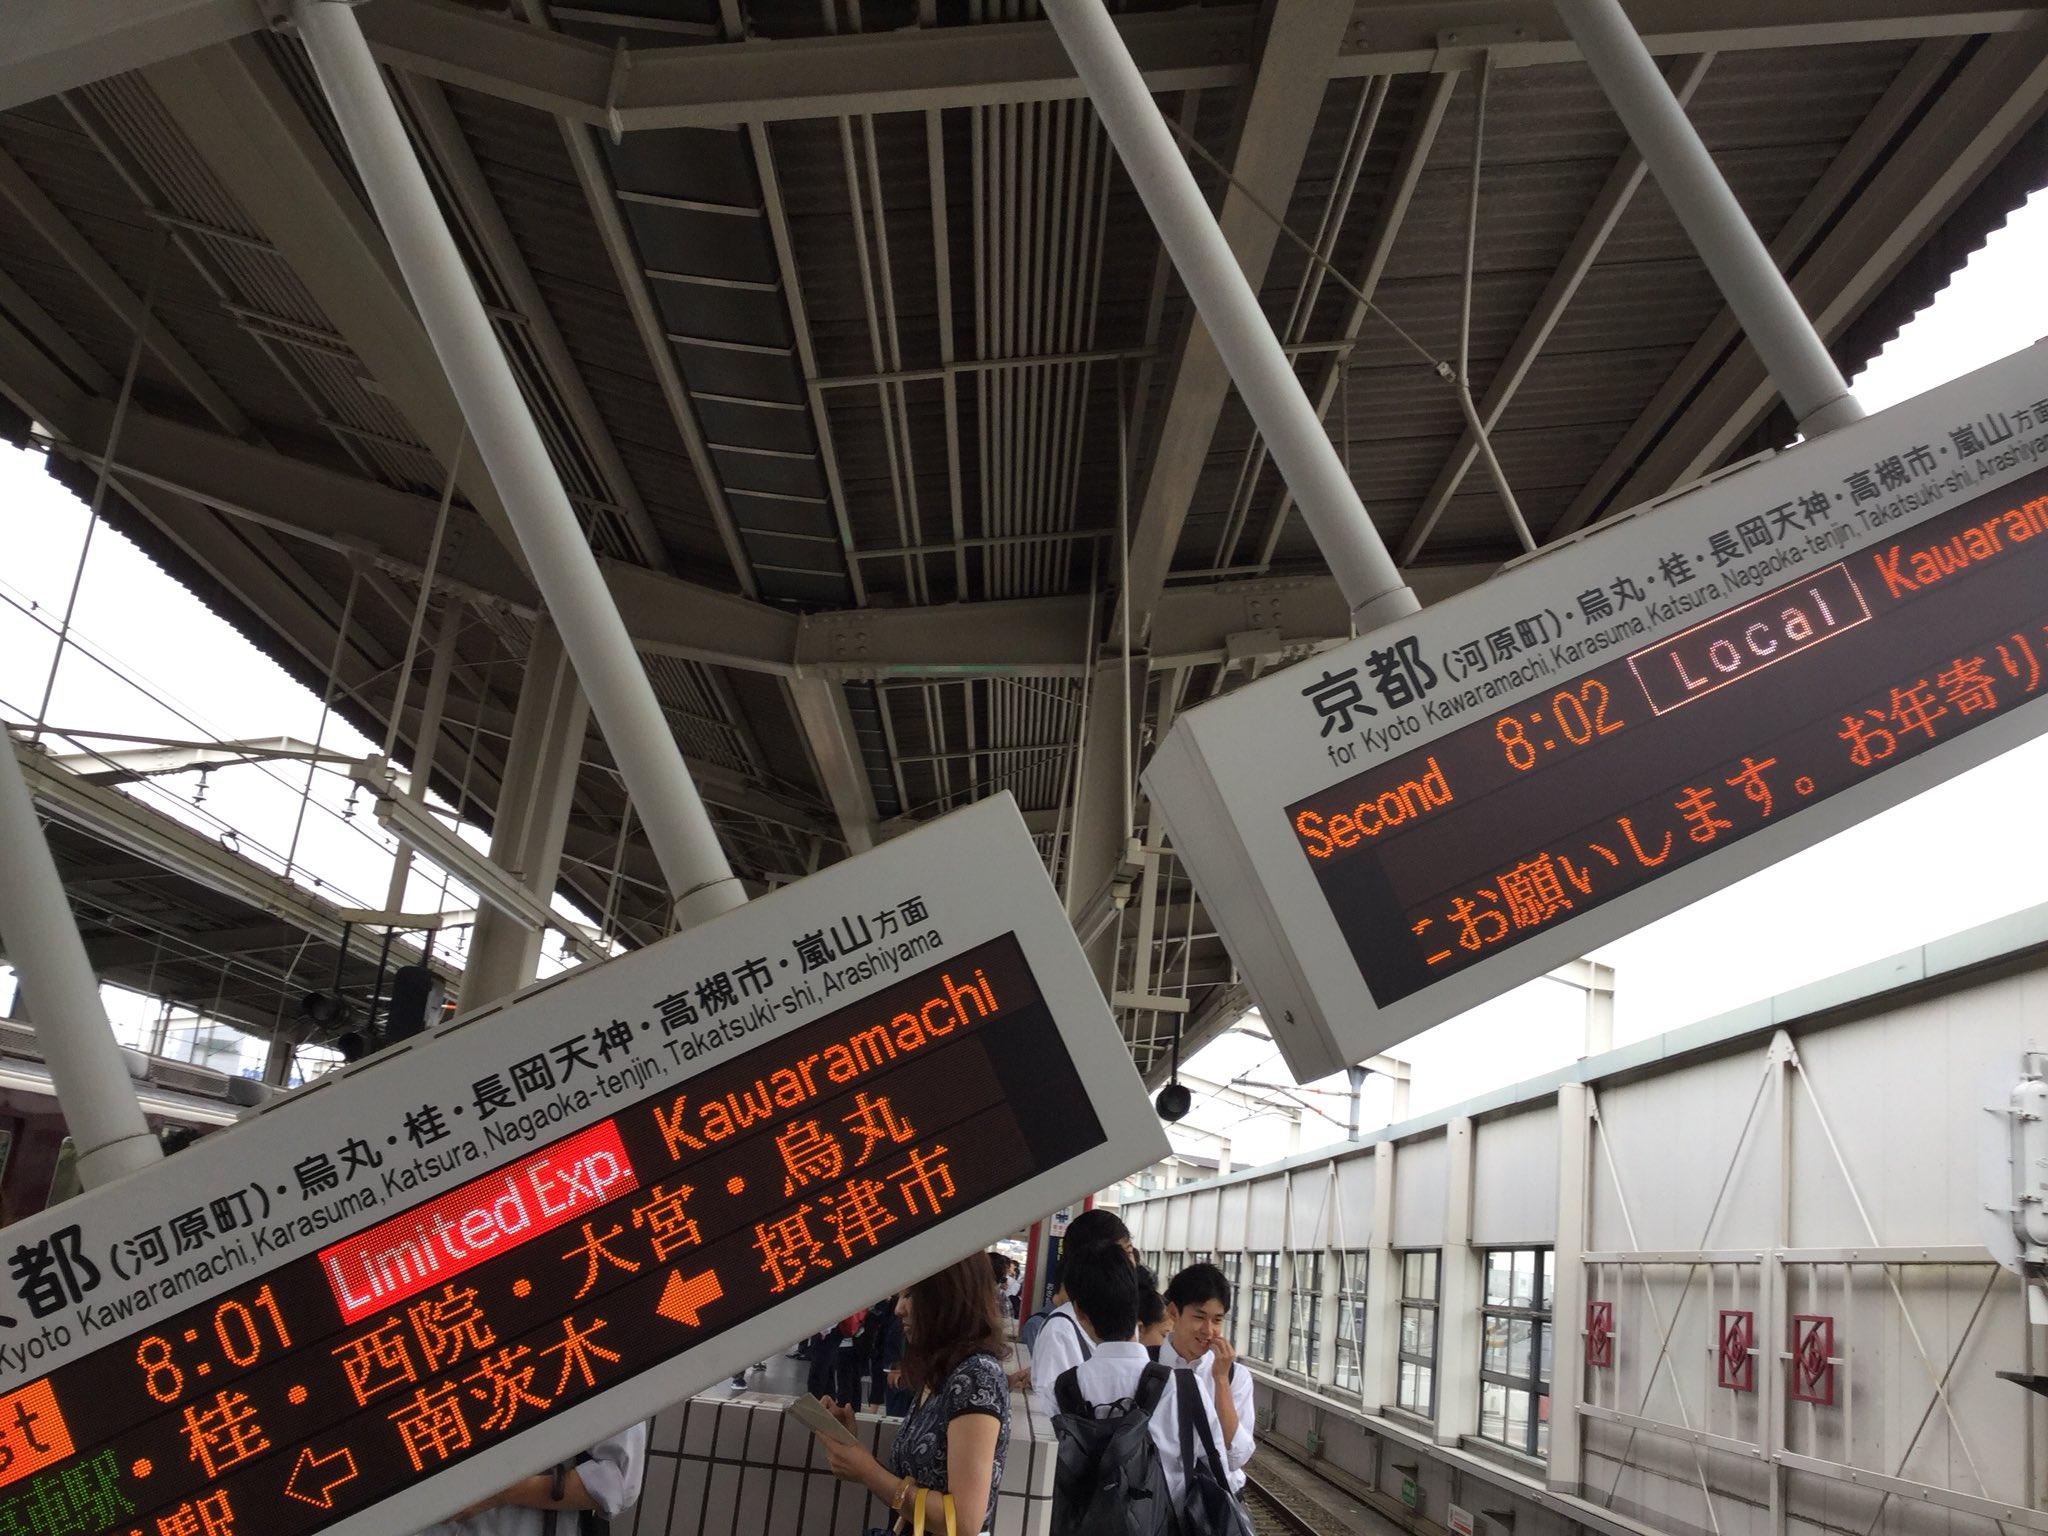 阪急茨木市駅の様子 https://t.co/yxfIqxx4nQ